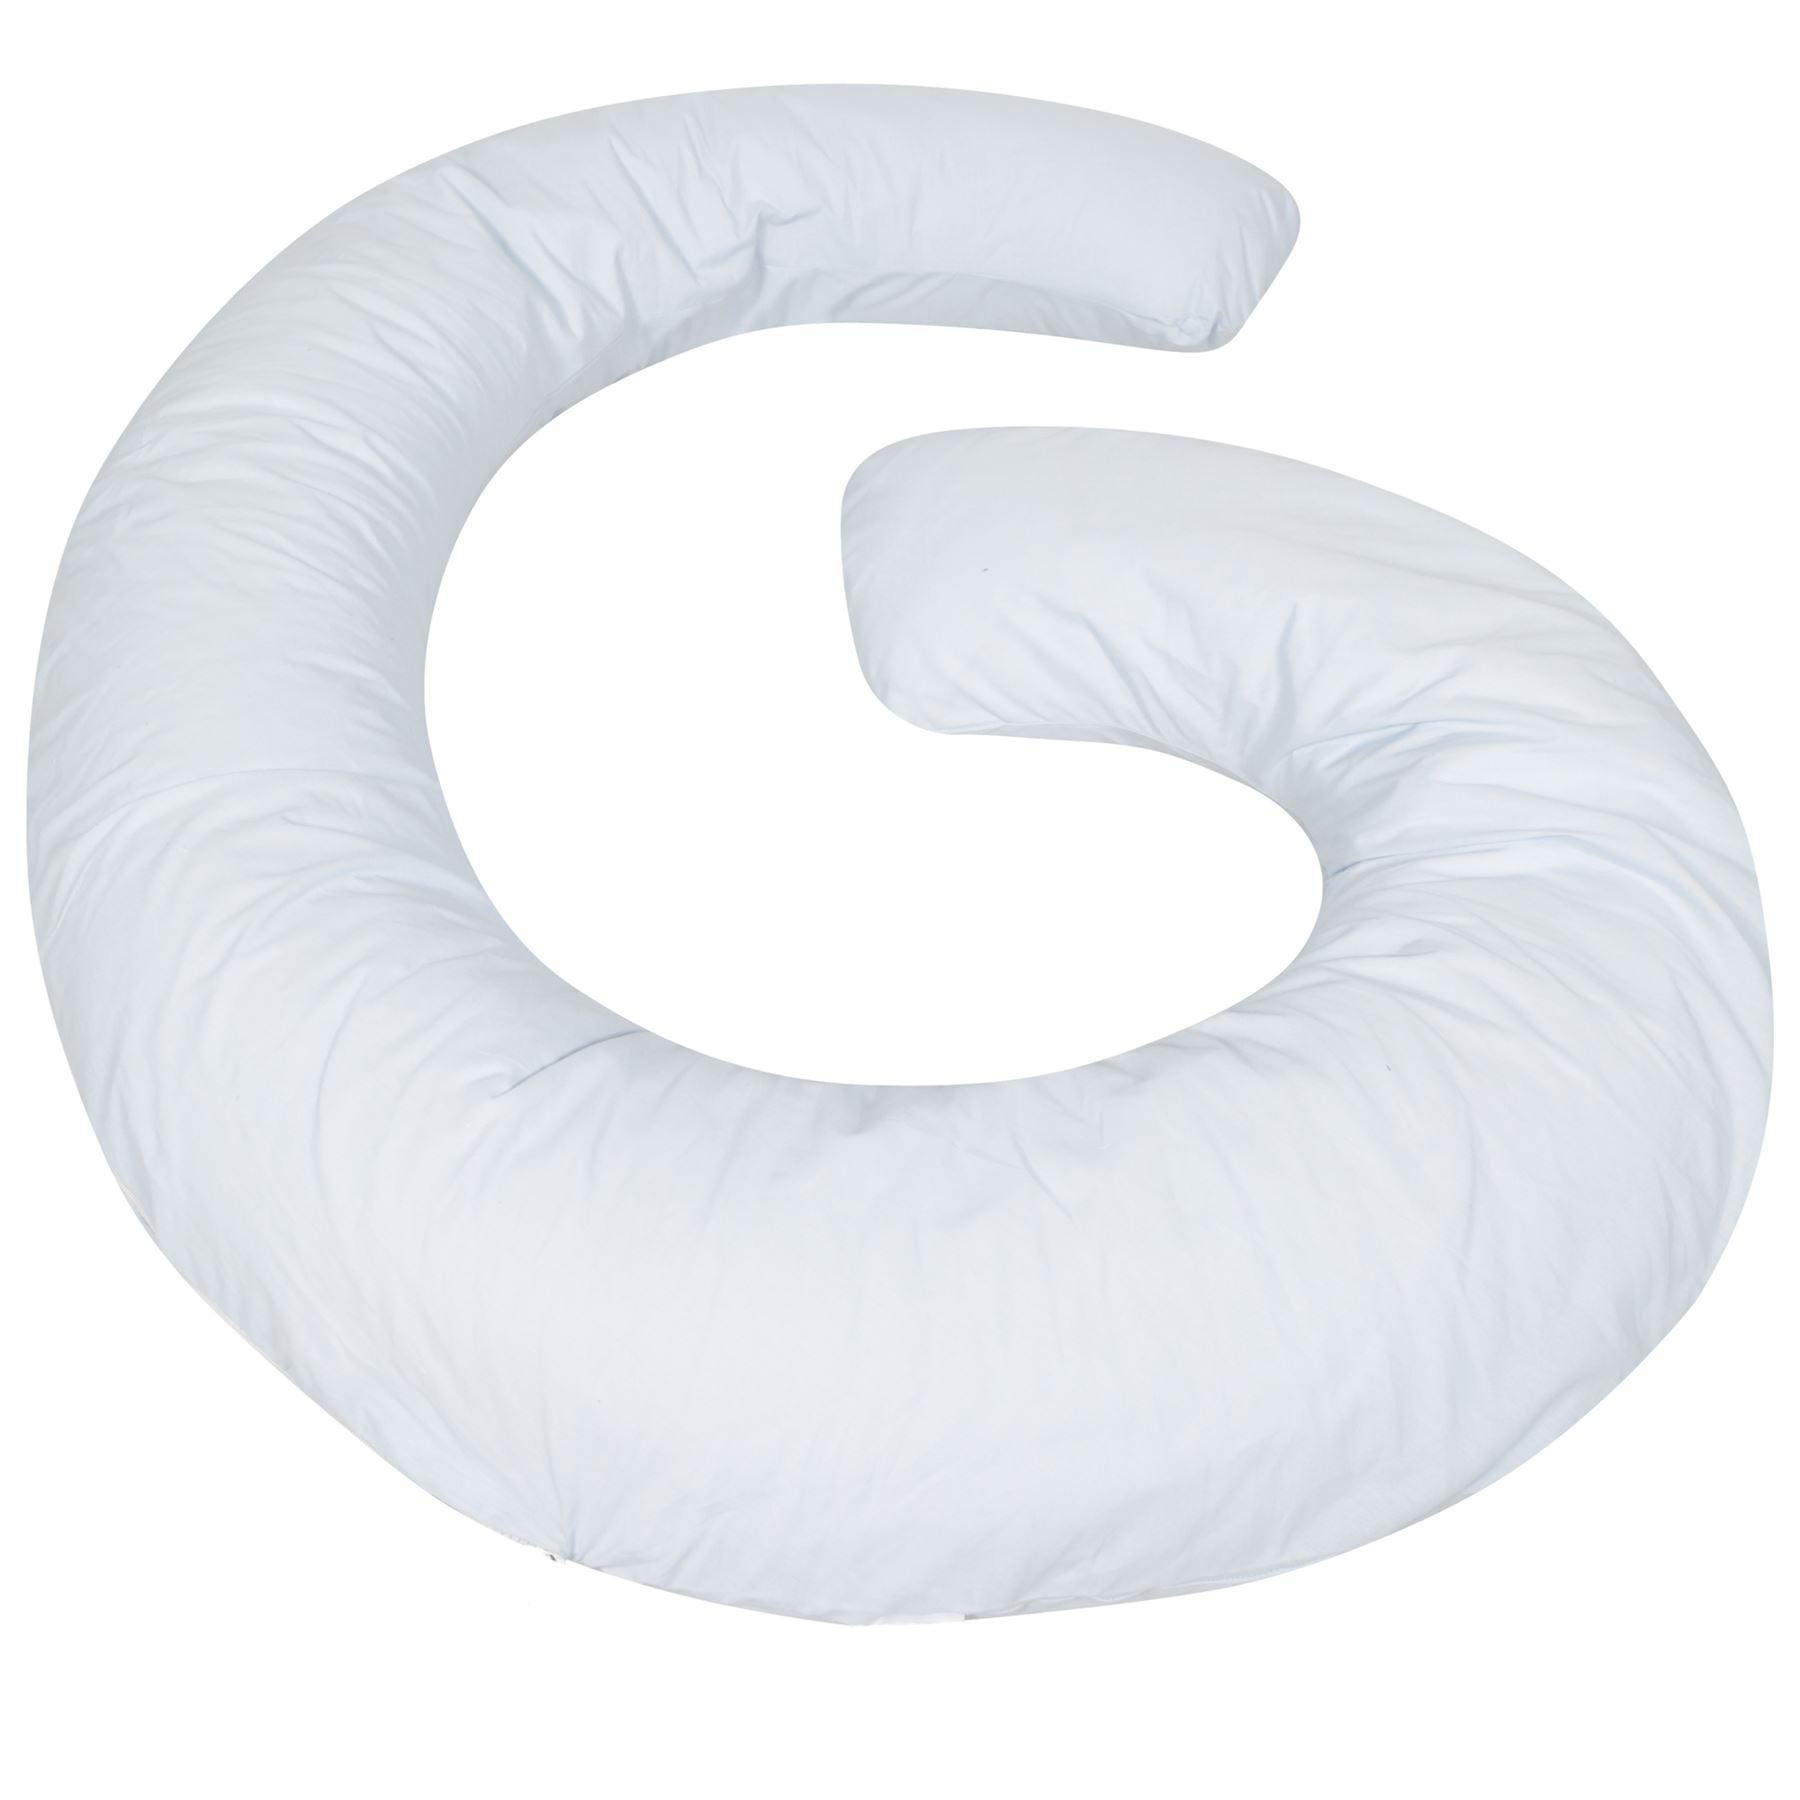 Love2sleep G Pillow Cover G Pillowcase G Shaped Pillow